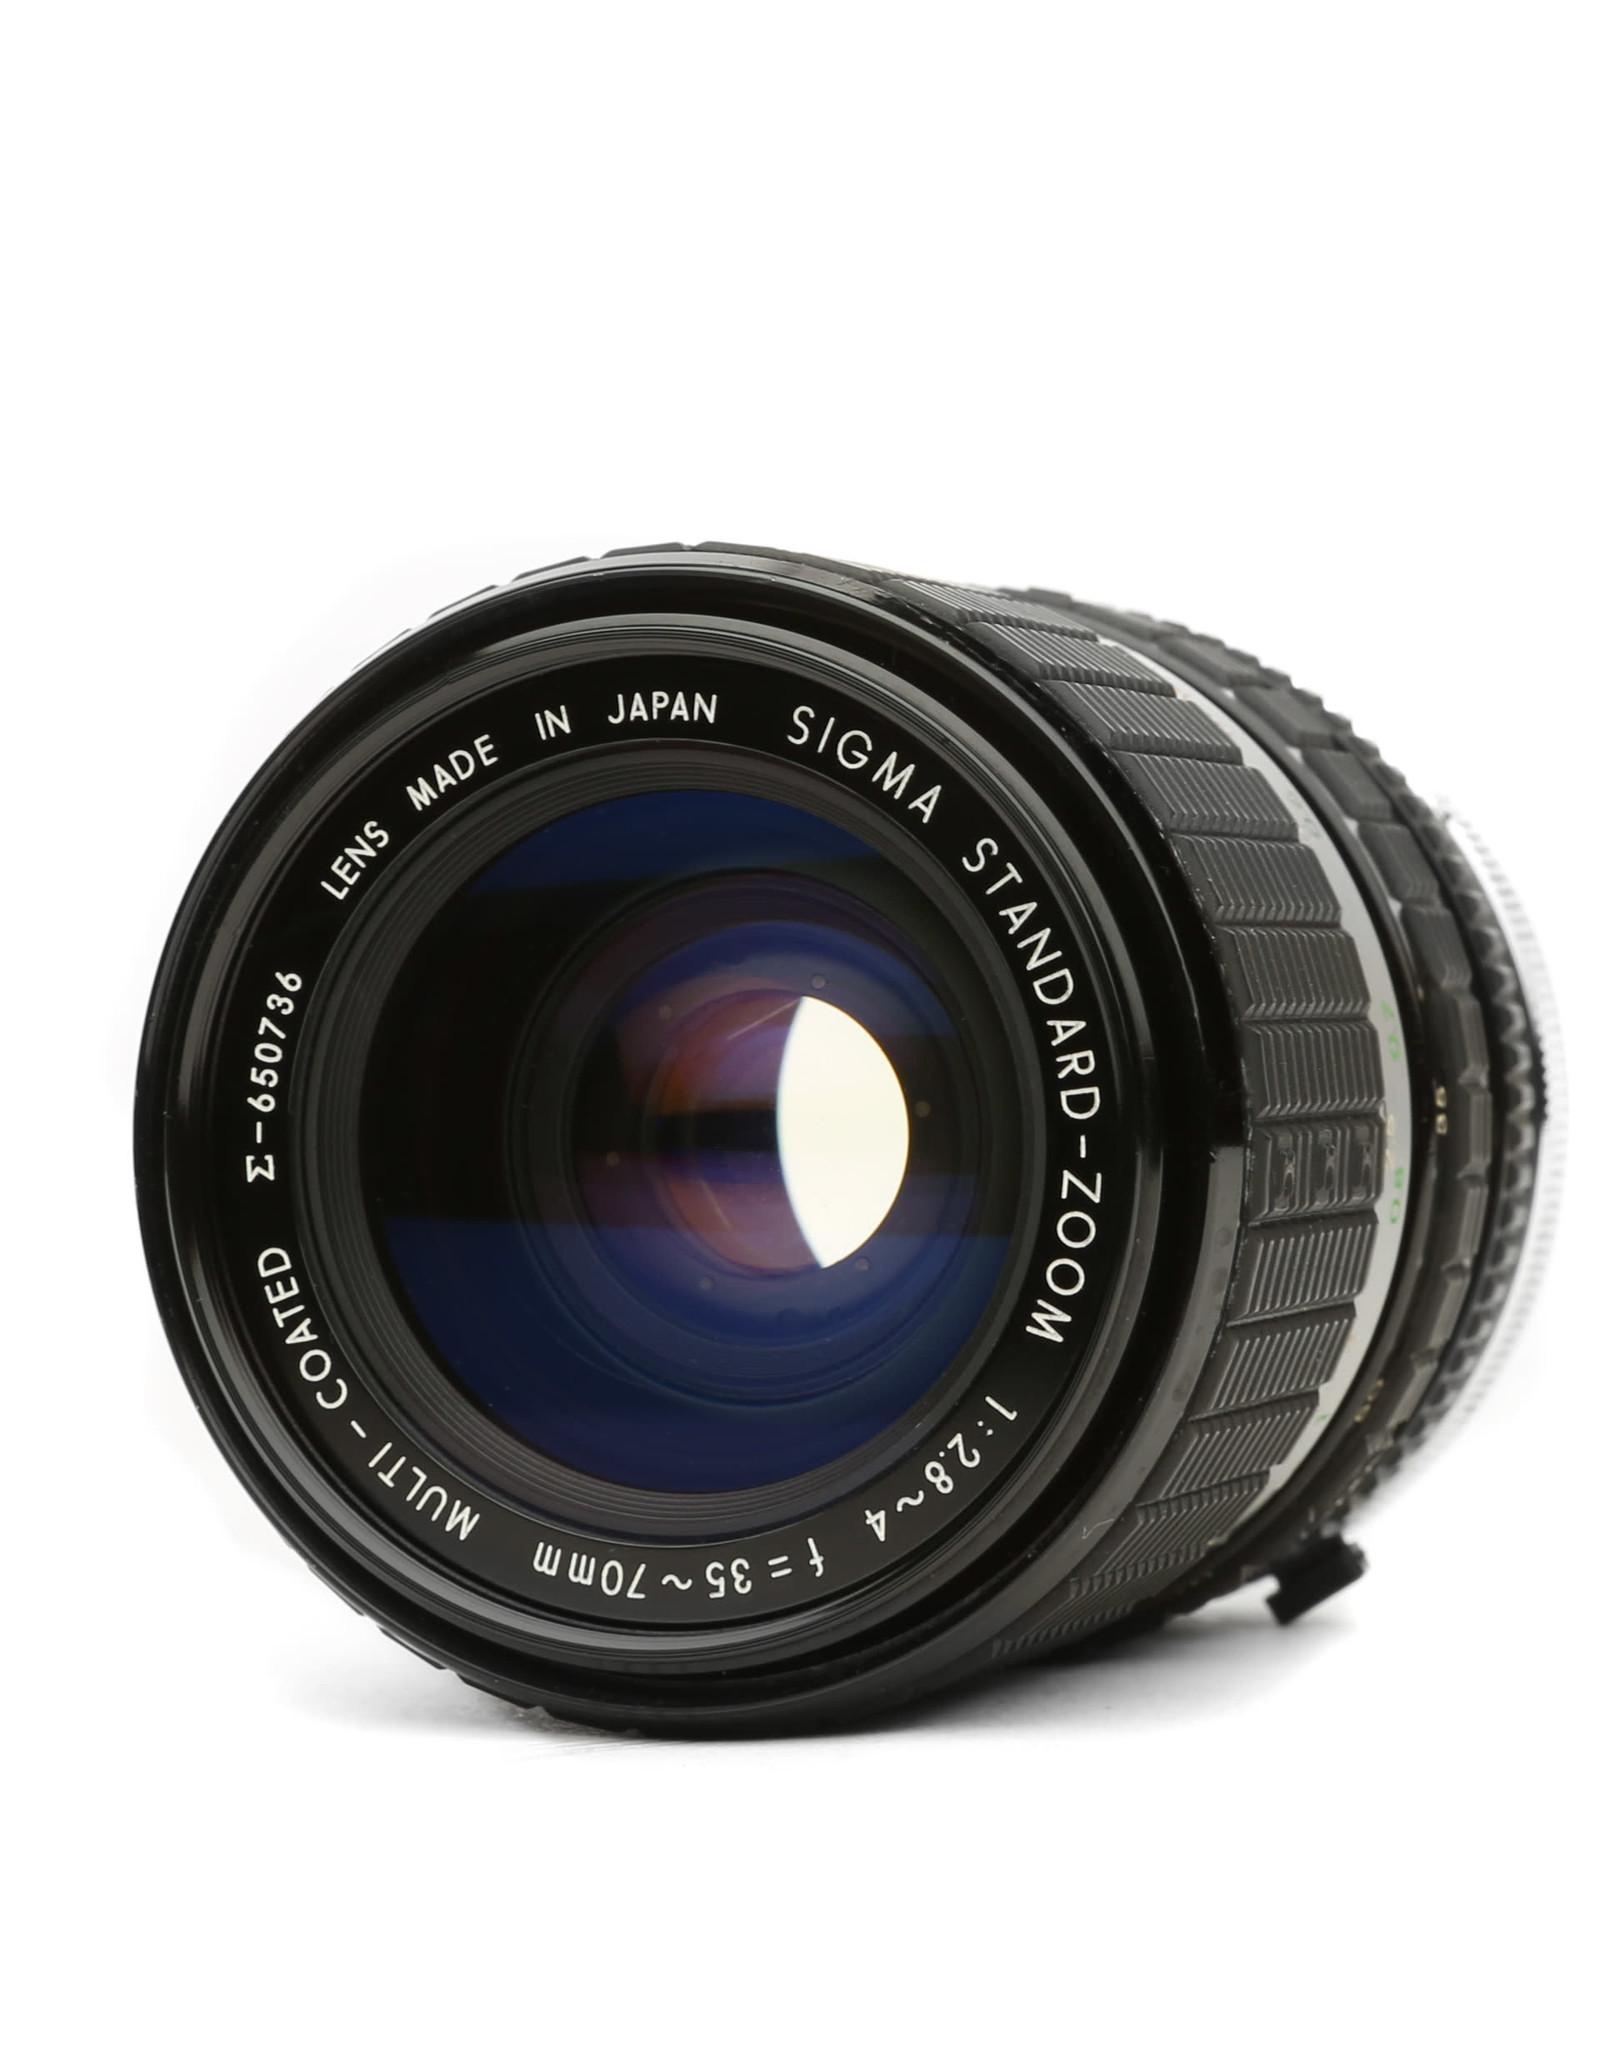 Sigma Sigma 35-70mm f2.8-4 Lens for Olympus OM